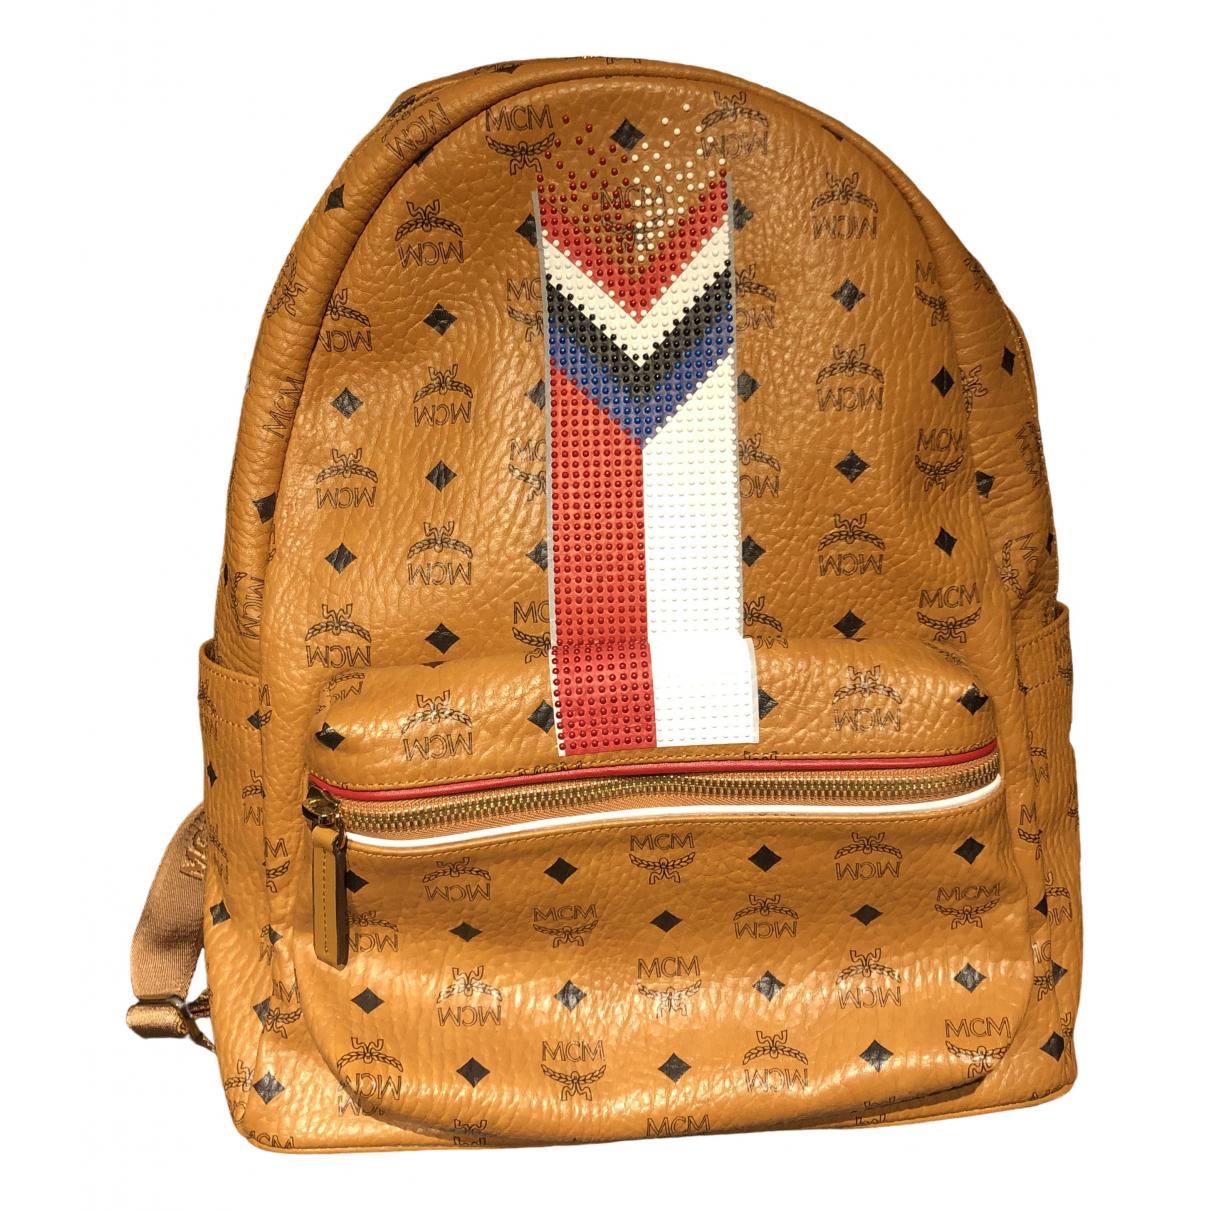 Mcm \N Brown Leather bag for Men \N